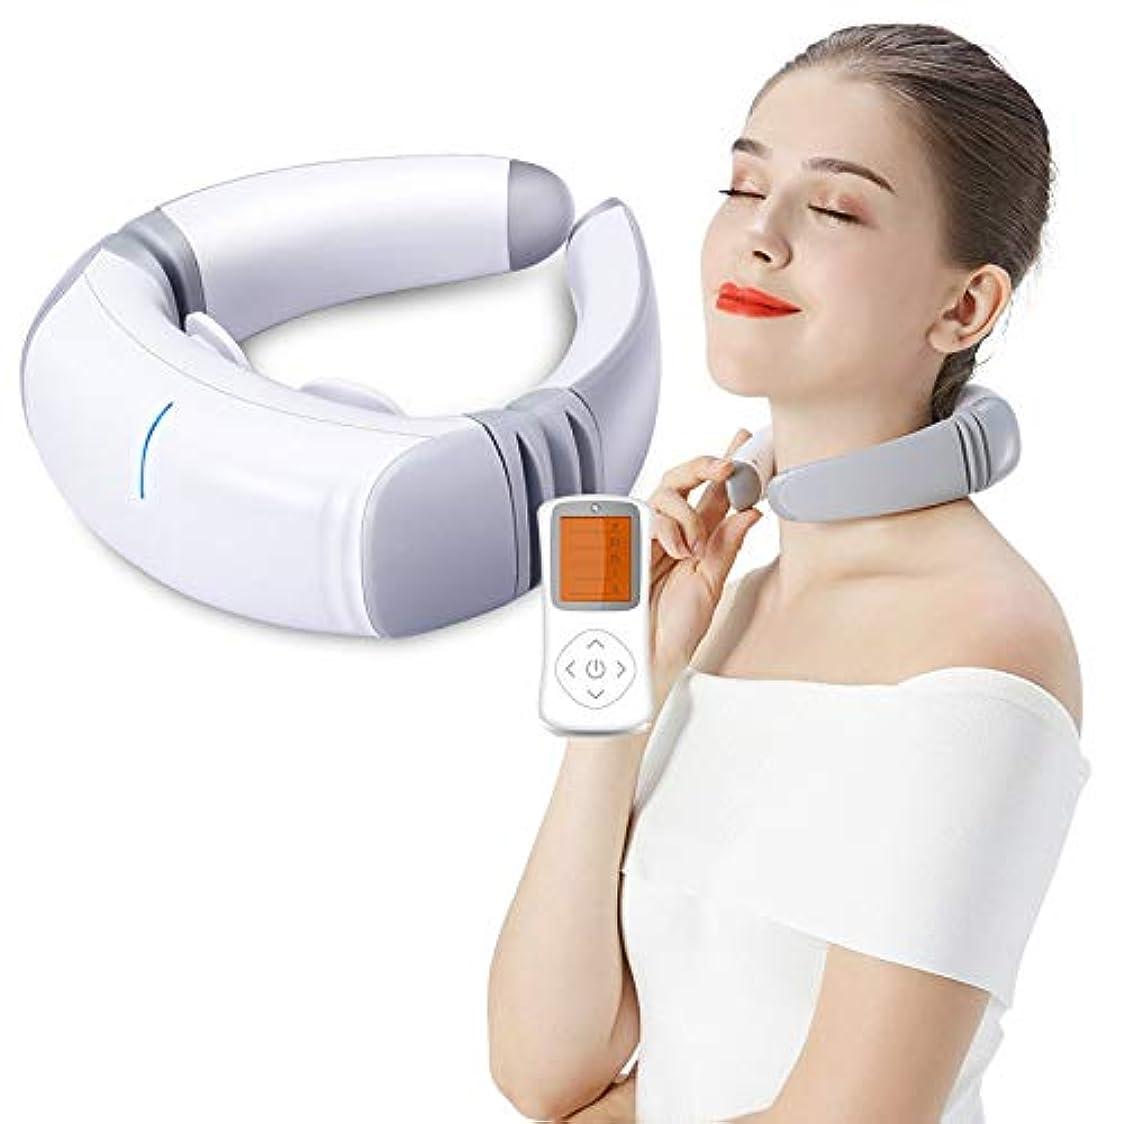 可動ブラウザ明確な多機能ネックマッサージャーディープティッシュワイヤレス3D混練、子宮頸部マッサージャーホーム電子パルス車、オフィス用